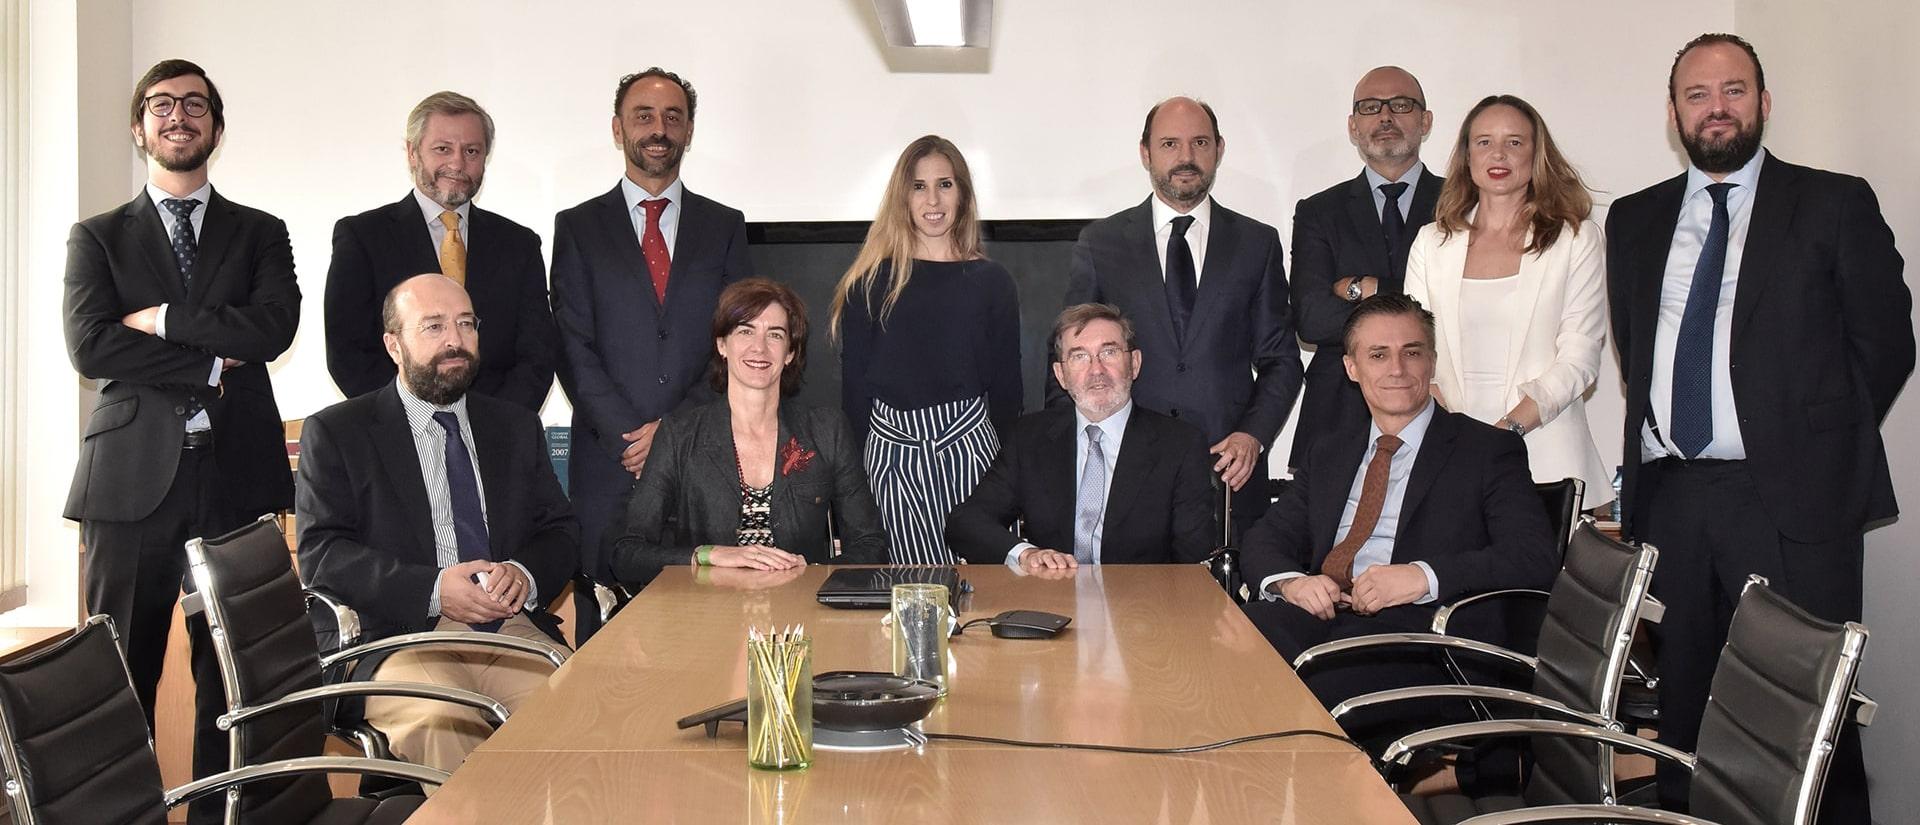 Sobre nosotros, foto de grupo Estudio Jurídico Almagro (EJA) en Madrid